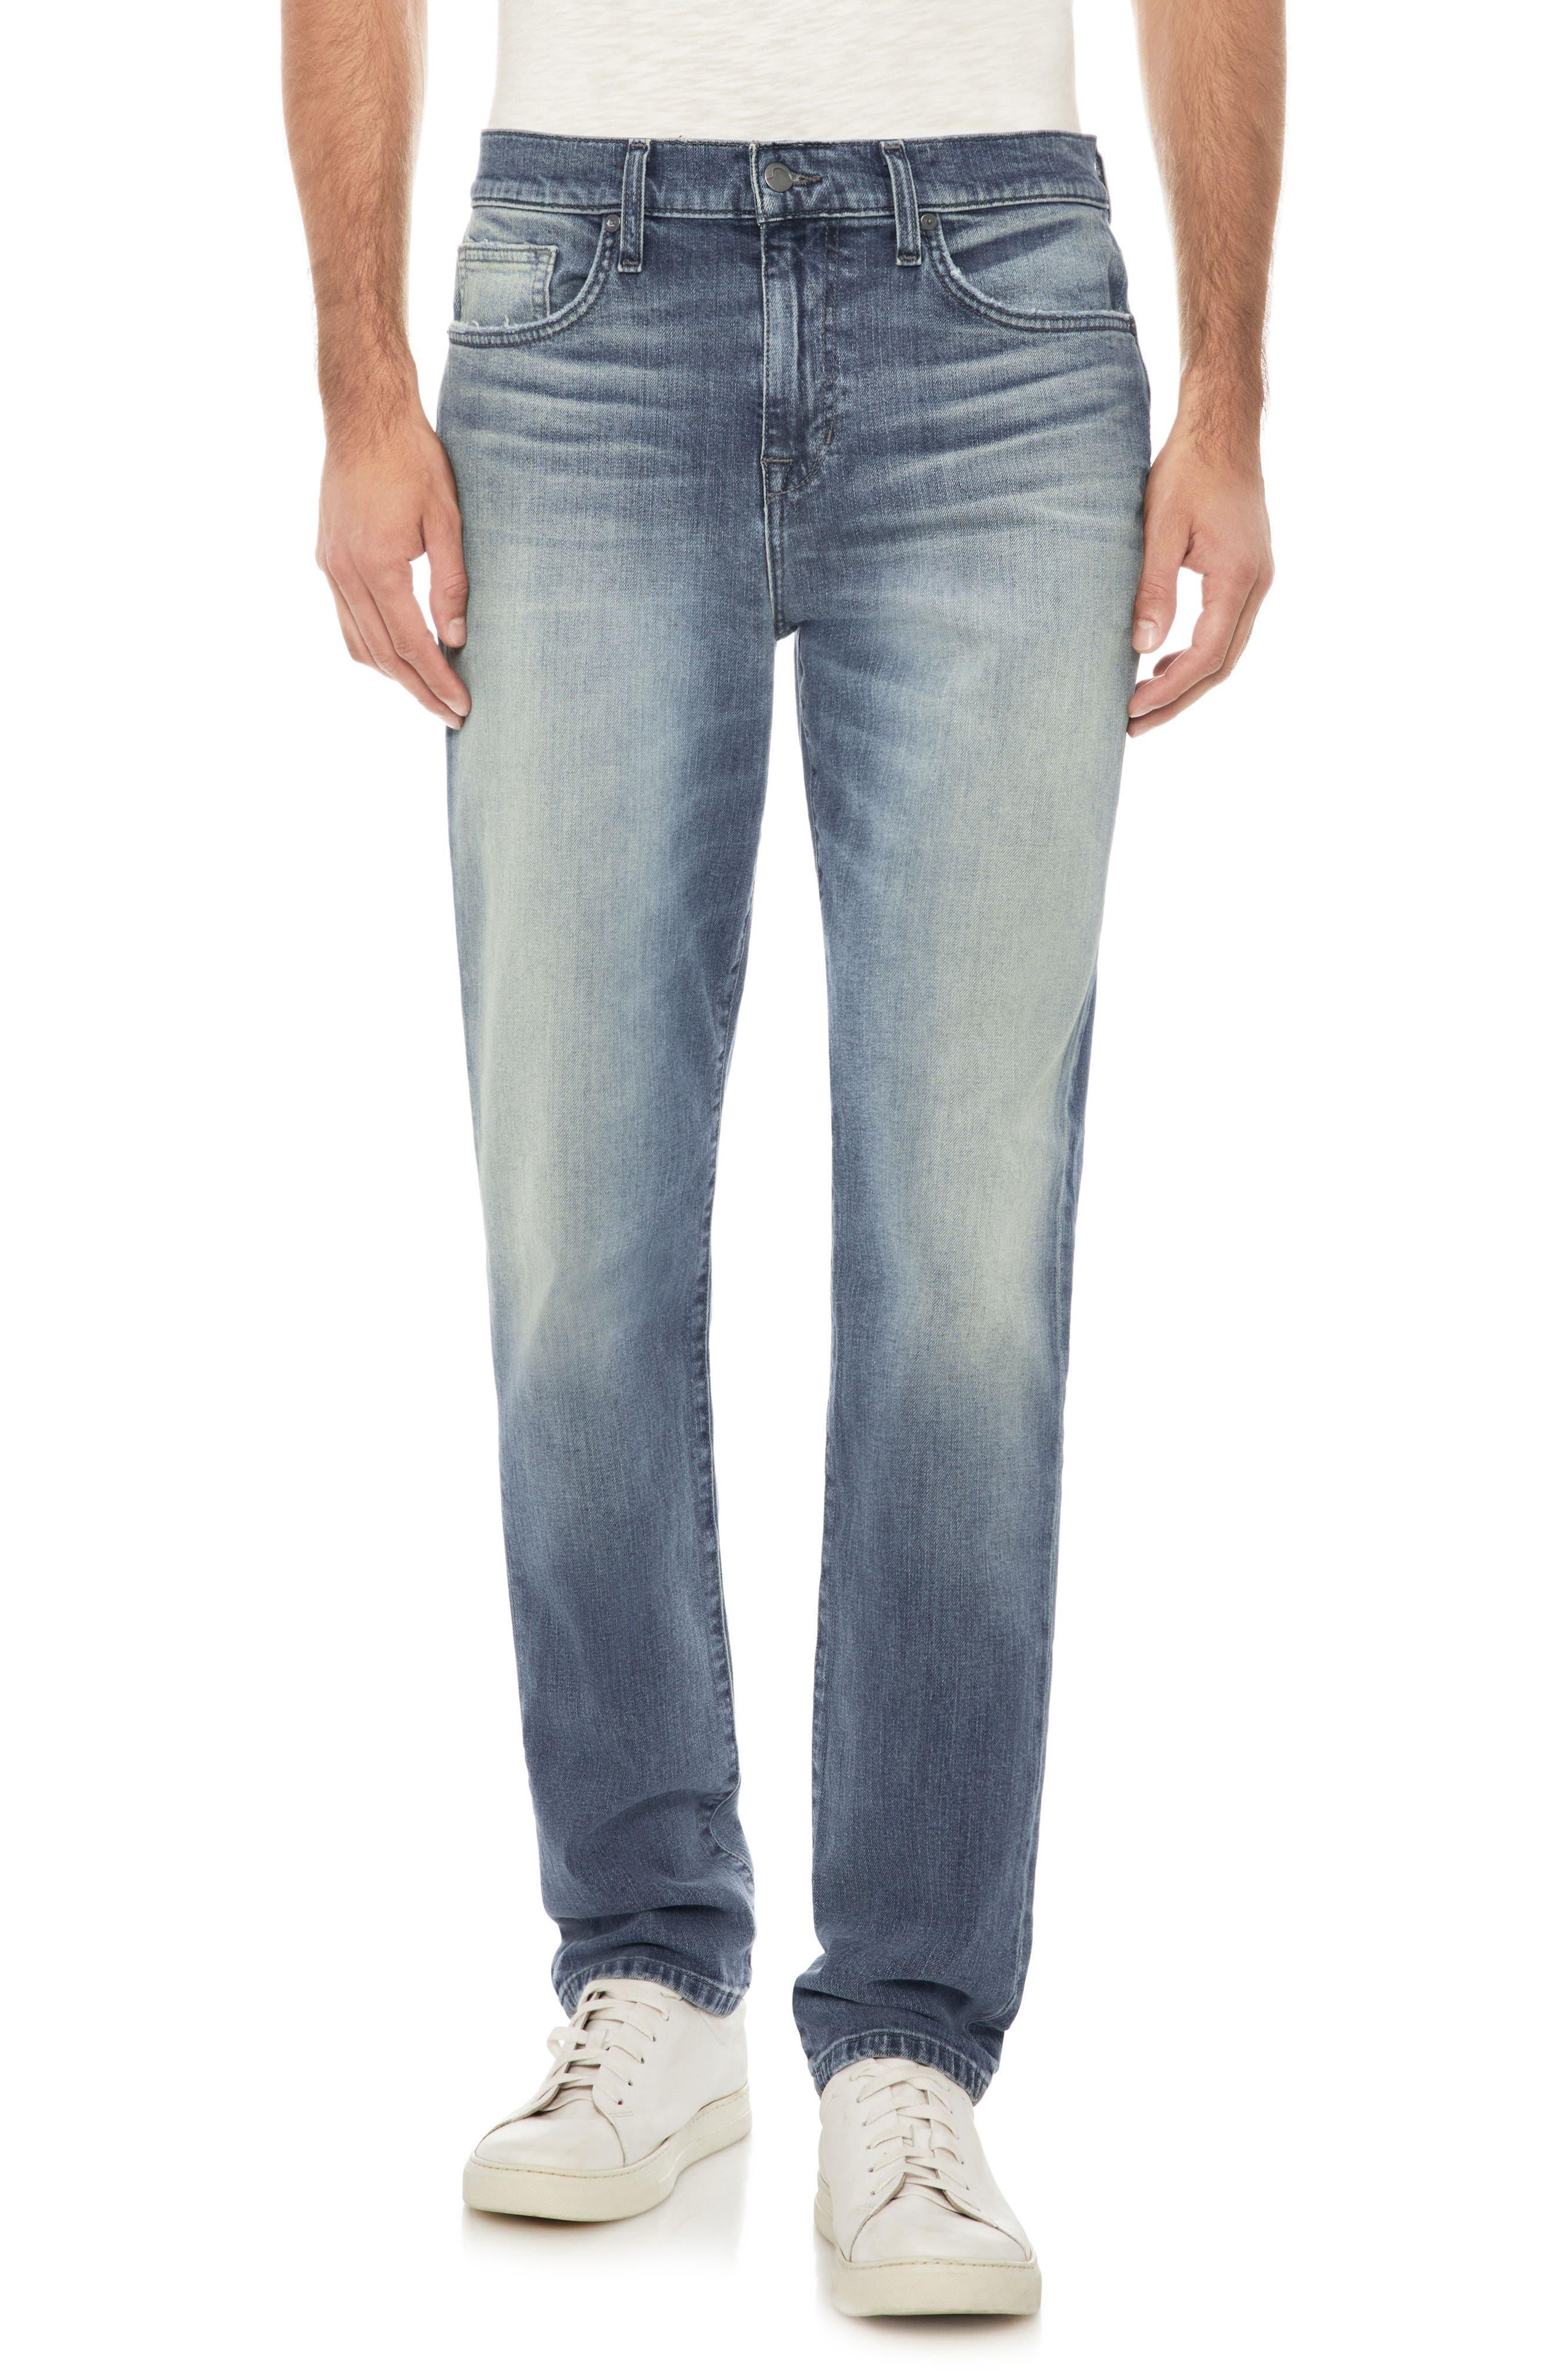 Folsom Slim Fit Jeans,                             Main thumbnail 1, color,                             Cole